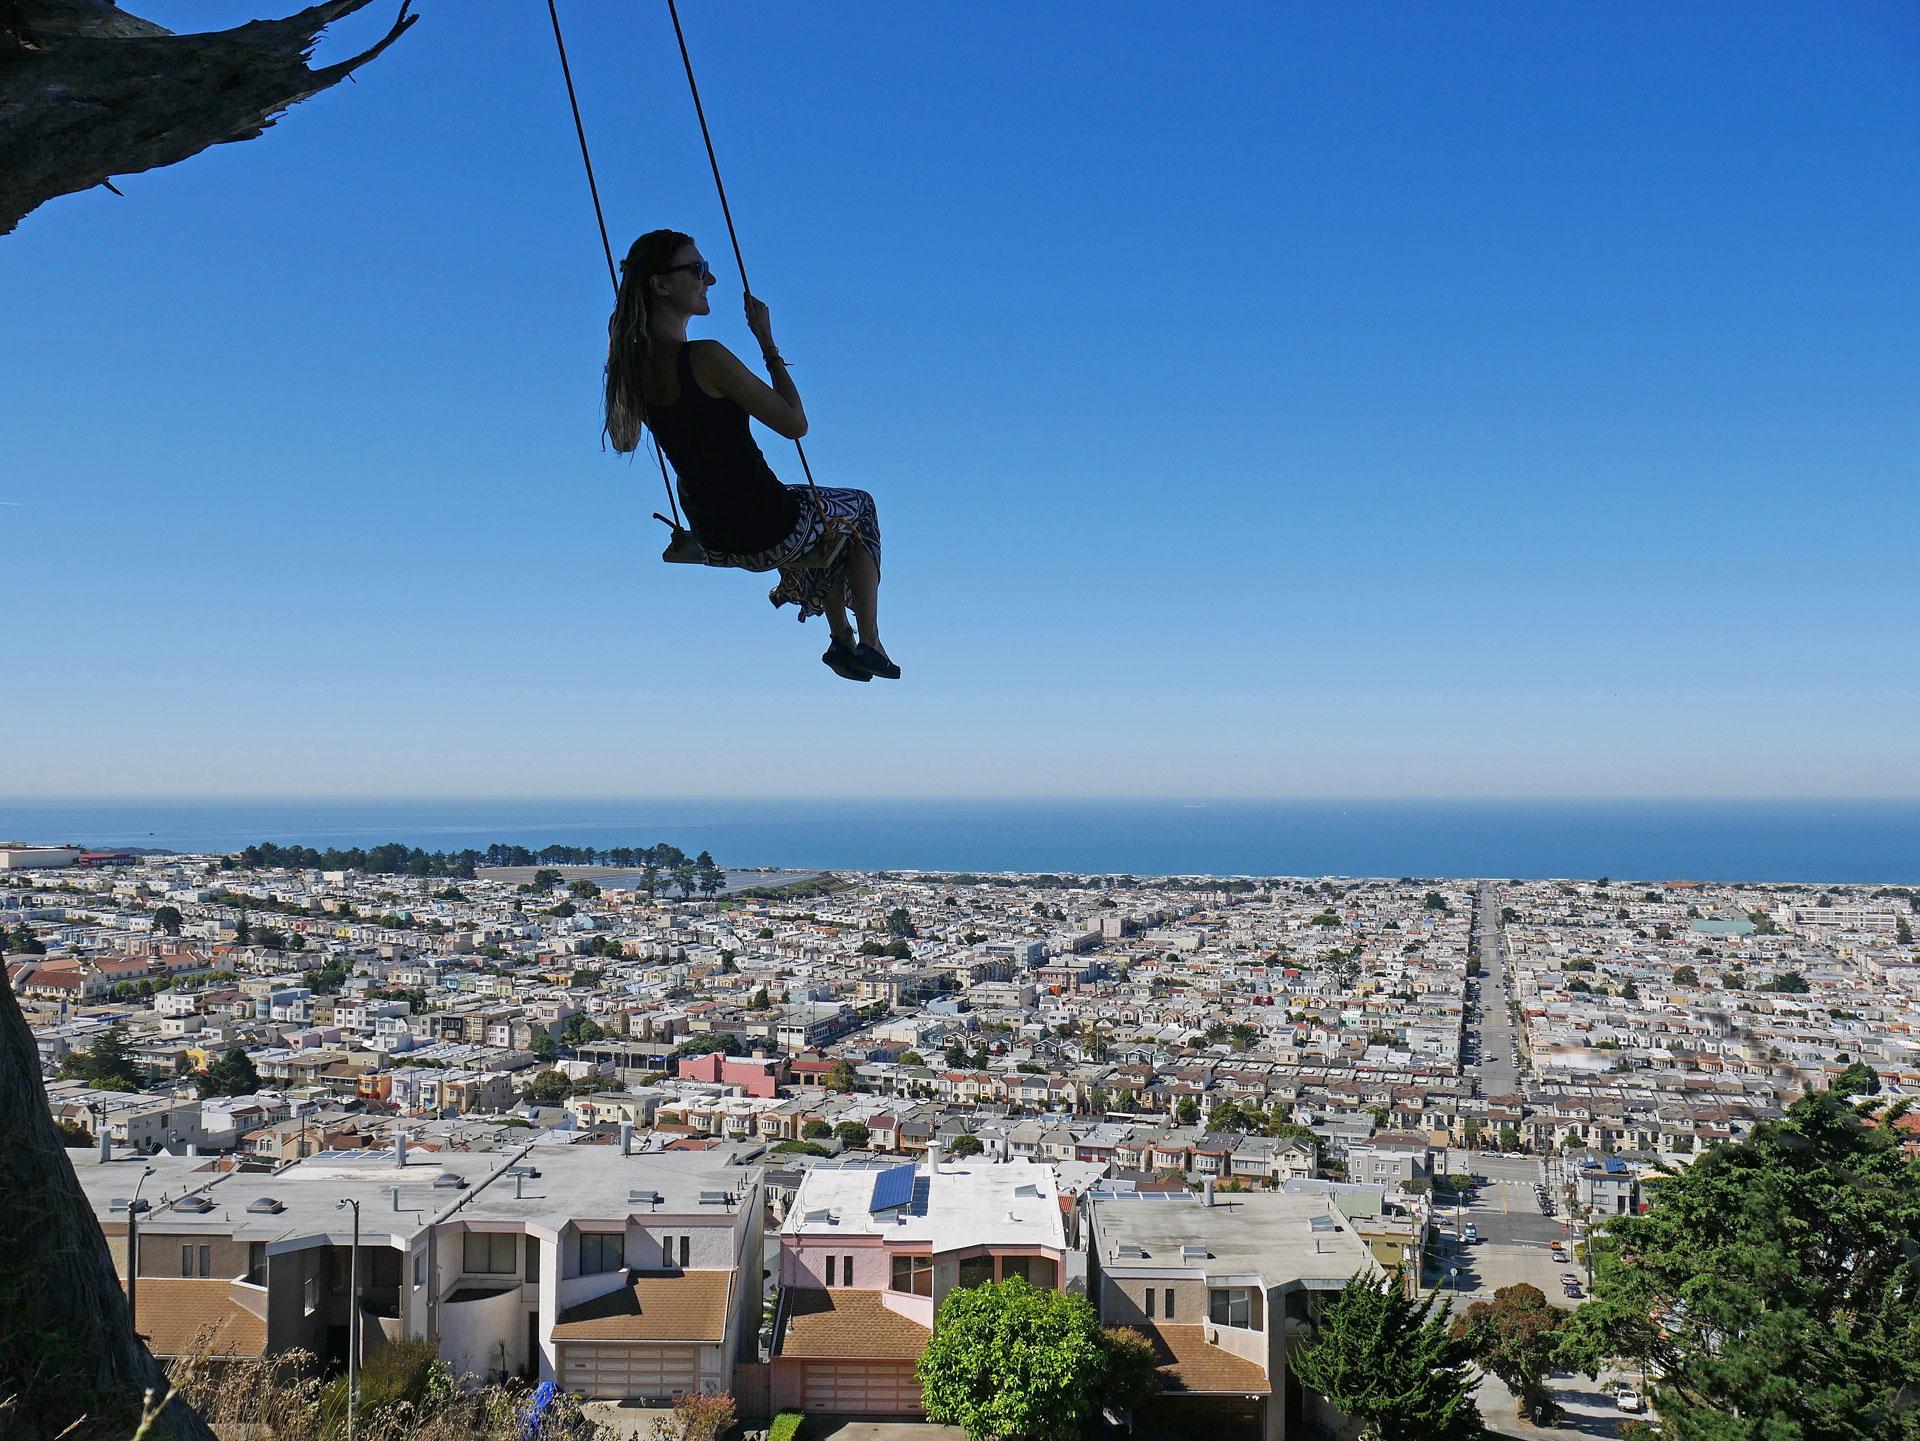 Rasta girl swinging over San Francisco, CA, at Grandview Park